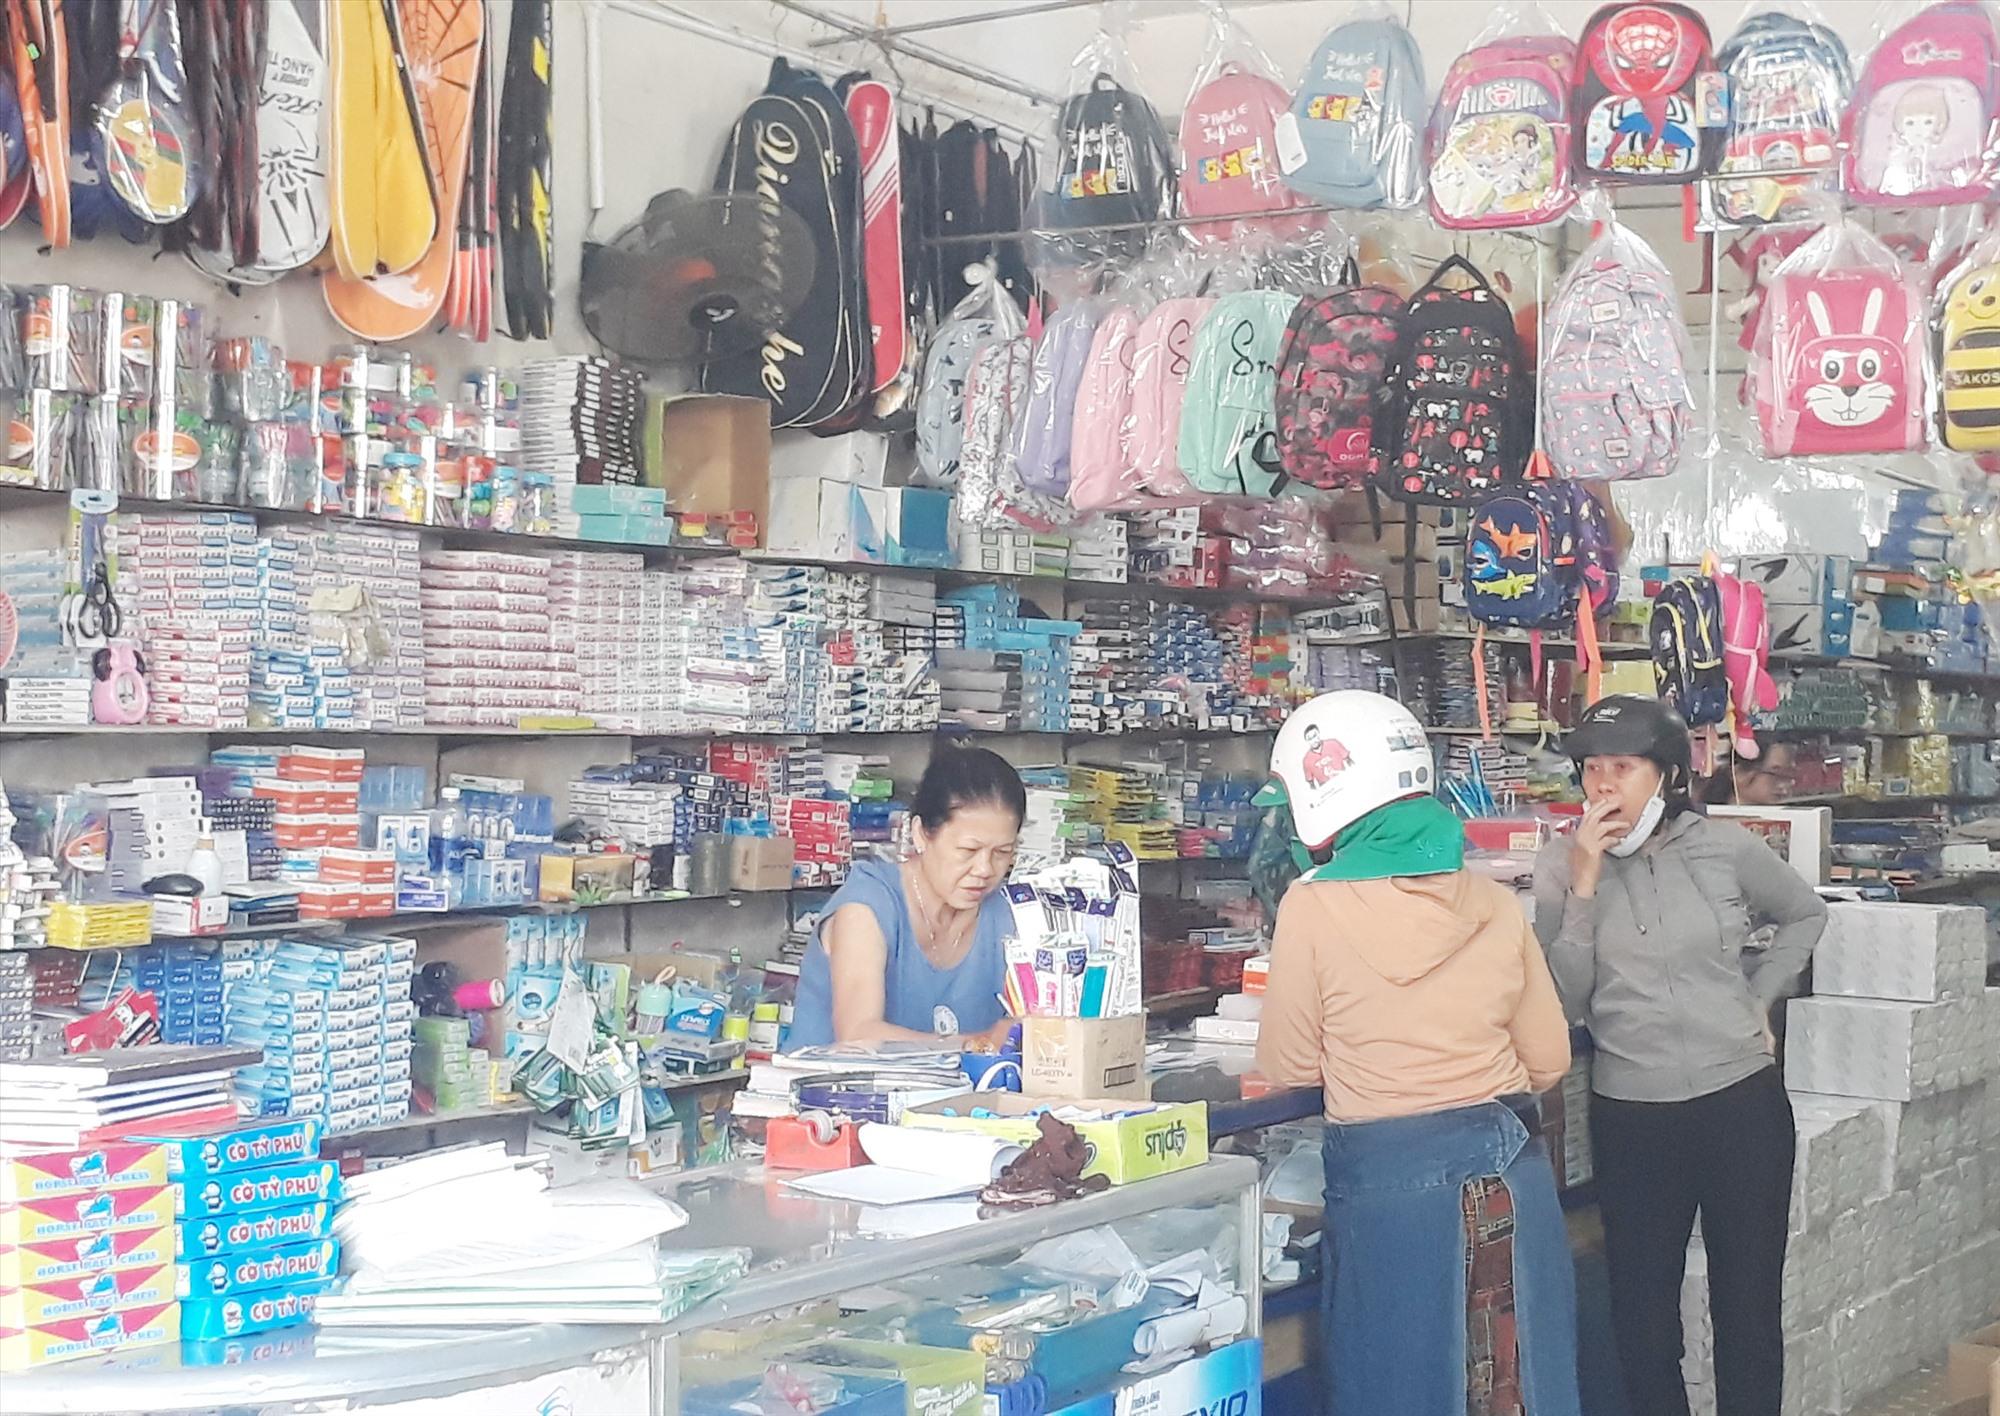 Phụ huynh tìm hiểu mua SGK tại Nhà sách Giáo dục, 341 Phan Châu Trinh (Tam Kỳ).Ảnh: X.P